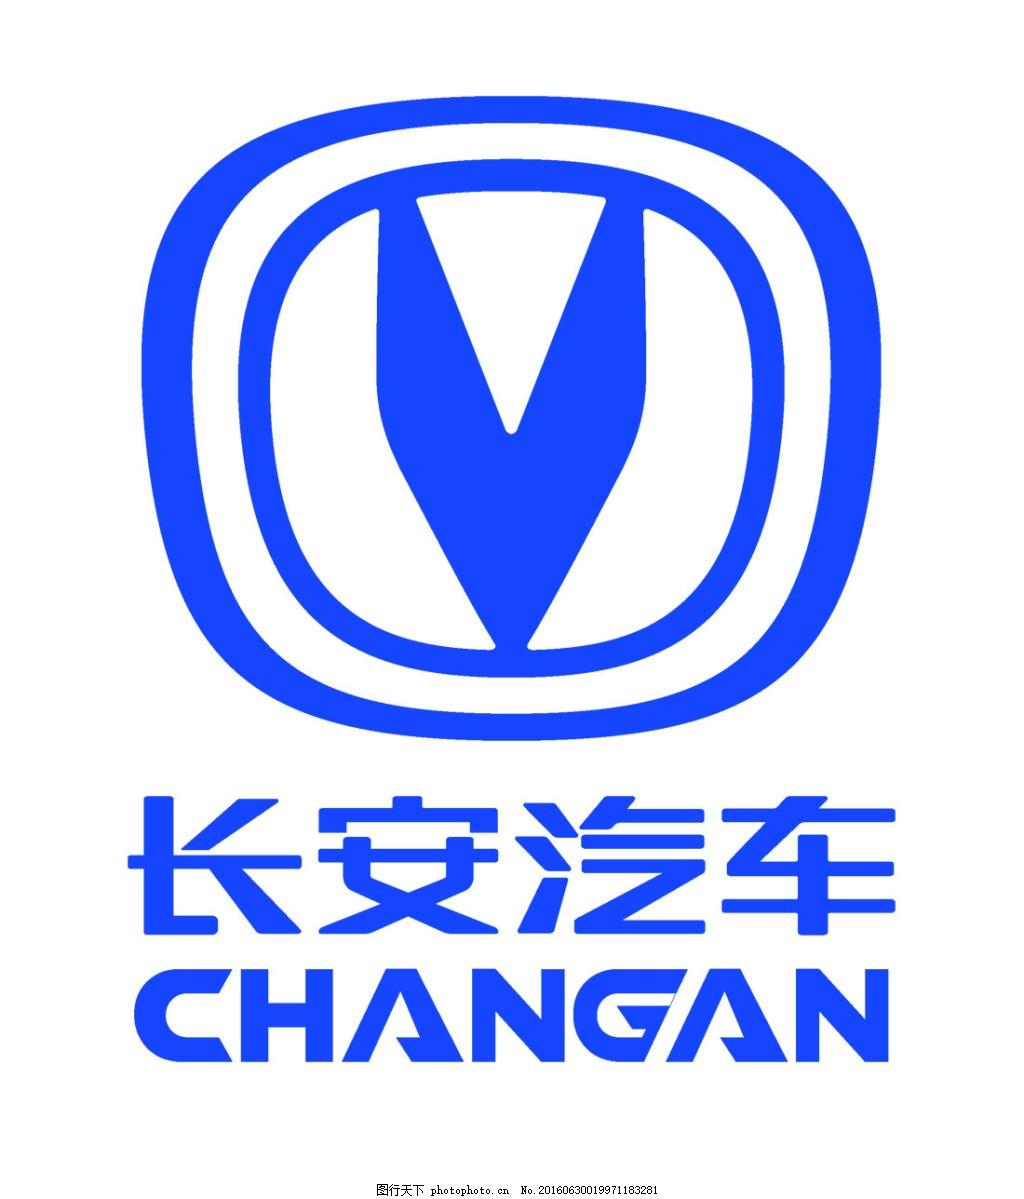 长安汽车logo 长安 汽车图标 标志      设计 界面 品牌 传承 历史 文